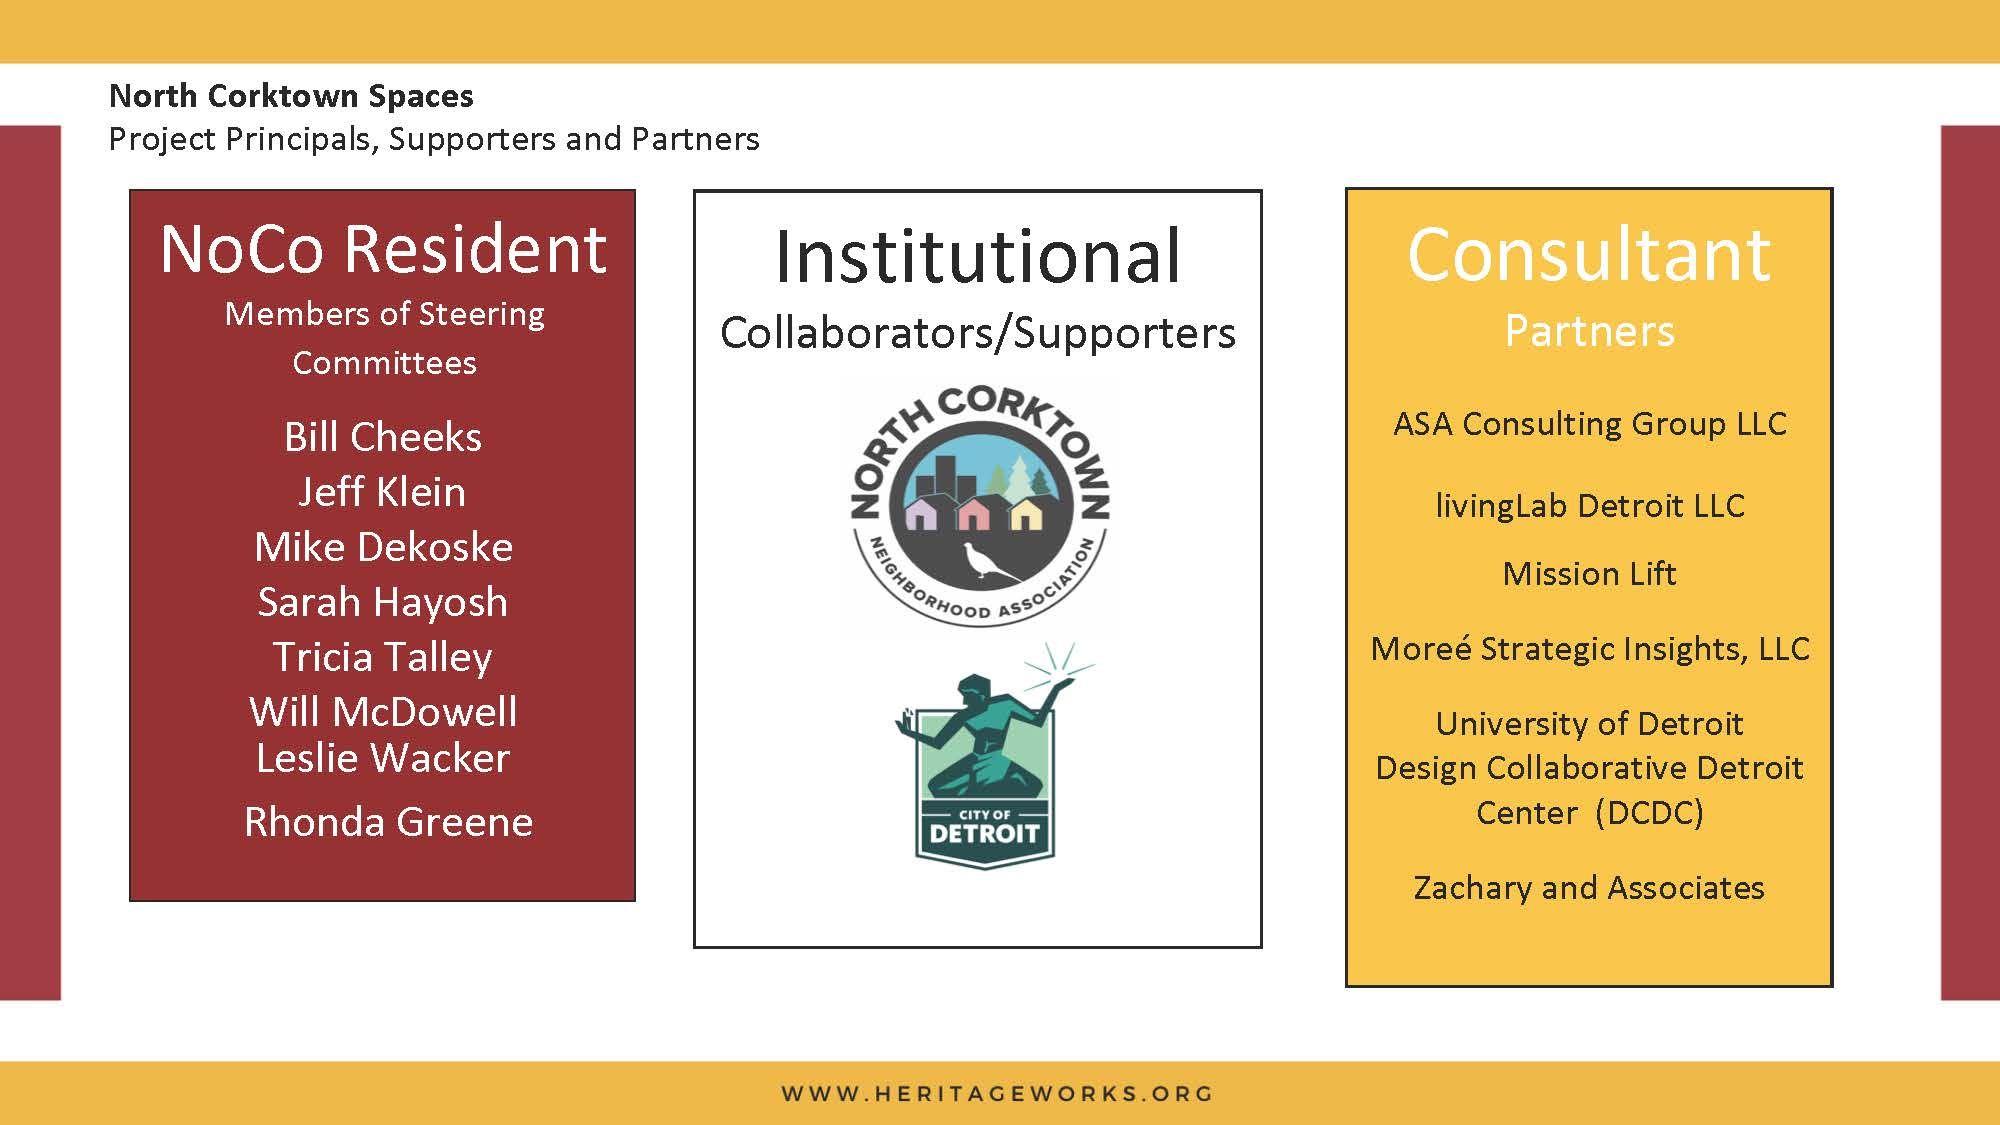 NoCo Green Spaces Principals & Partners